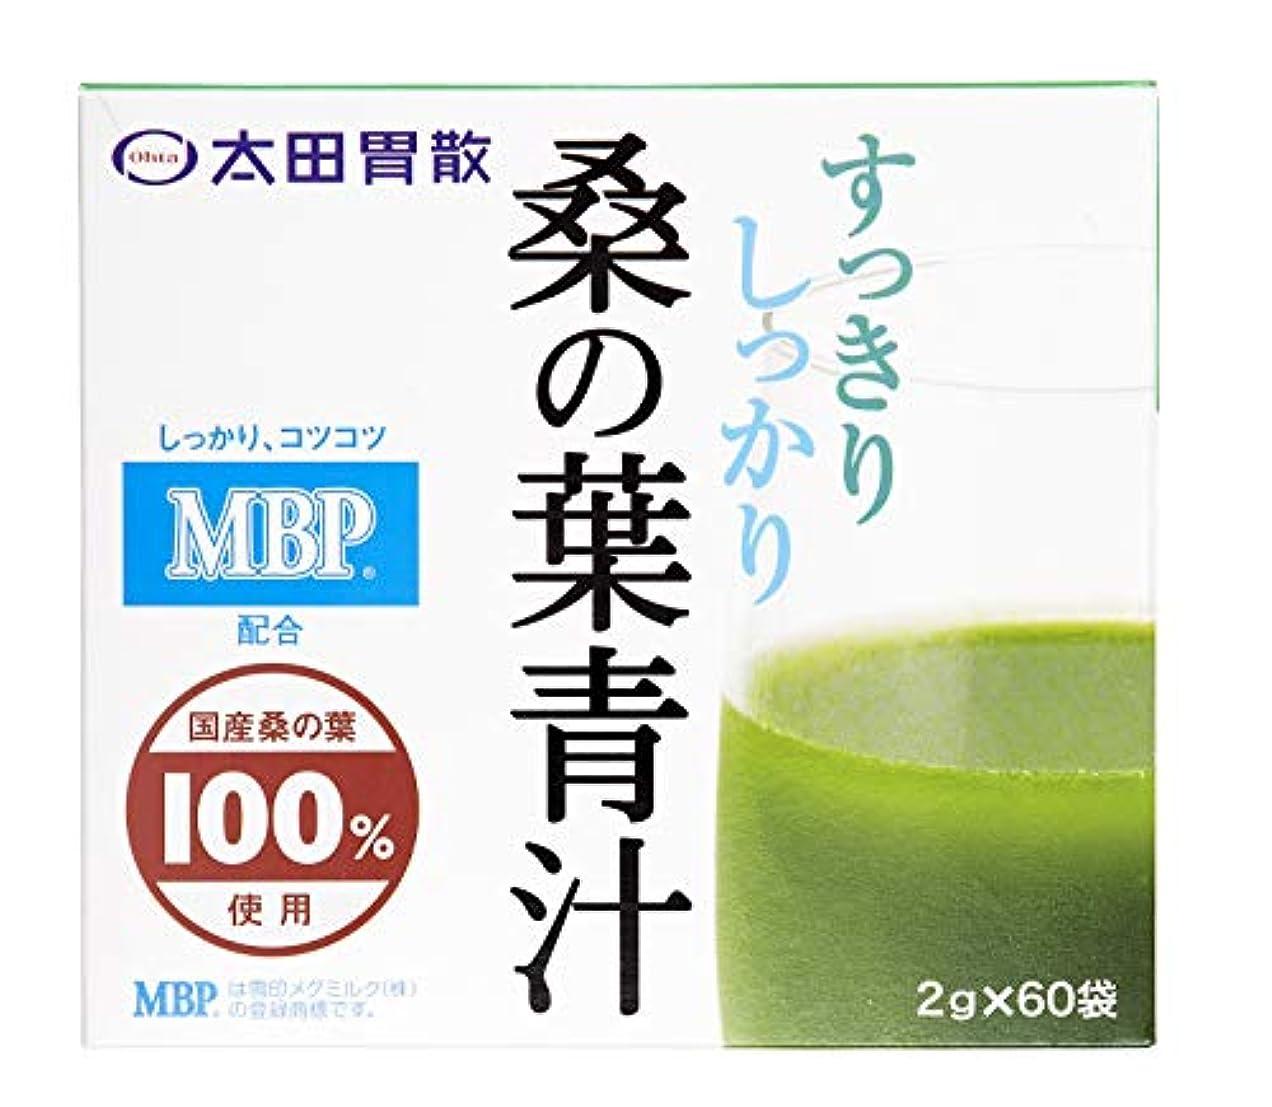 気性肥料マニア太田胃散 桑の葉青汁 60袋入り(2g×60袋)